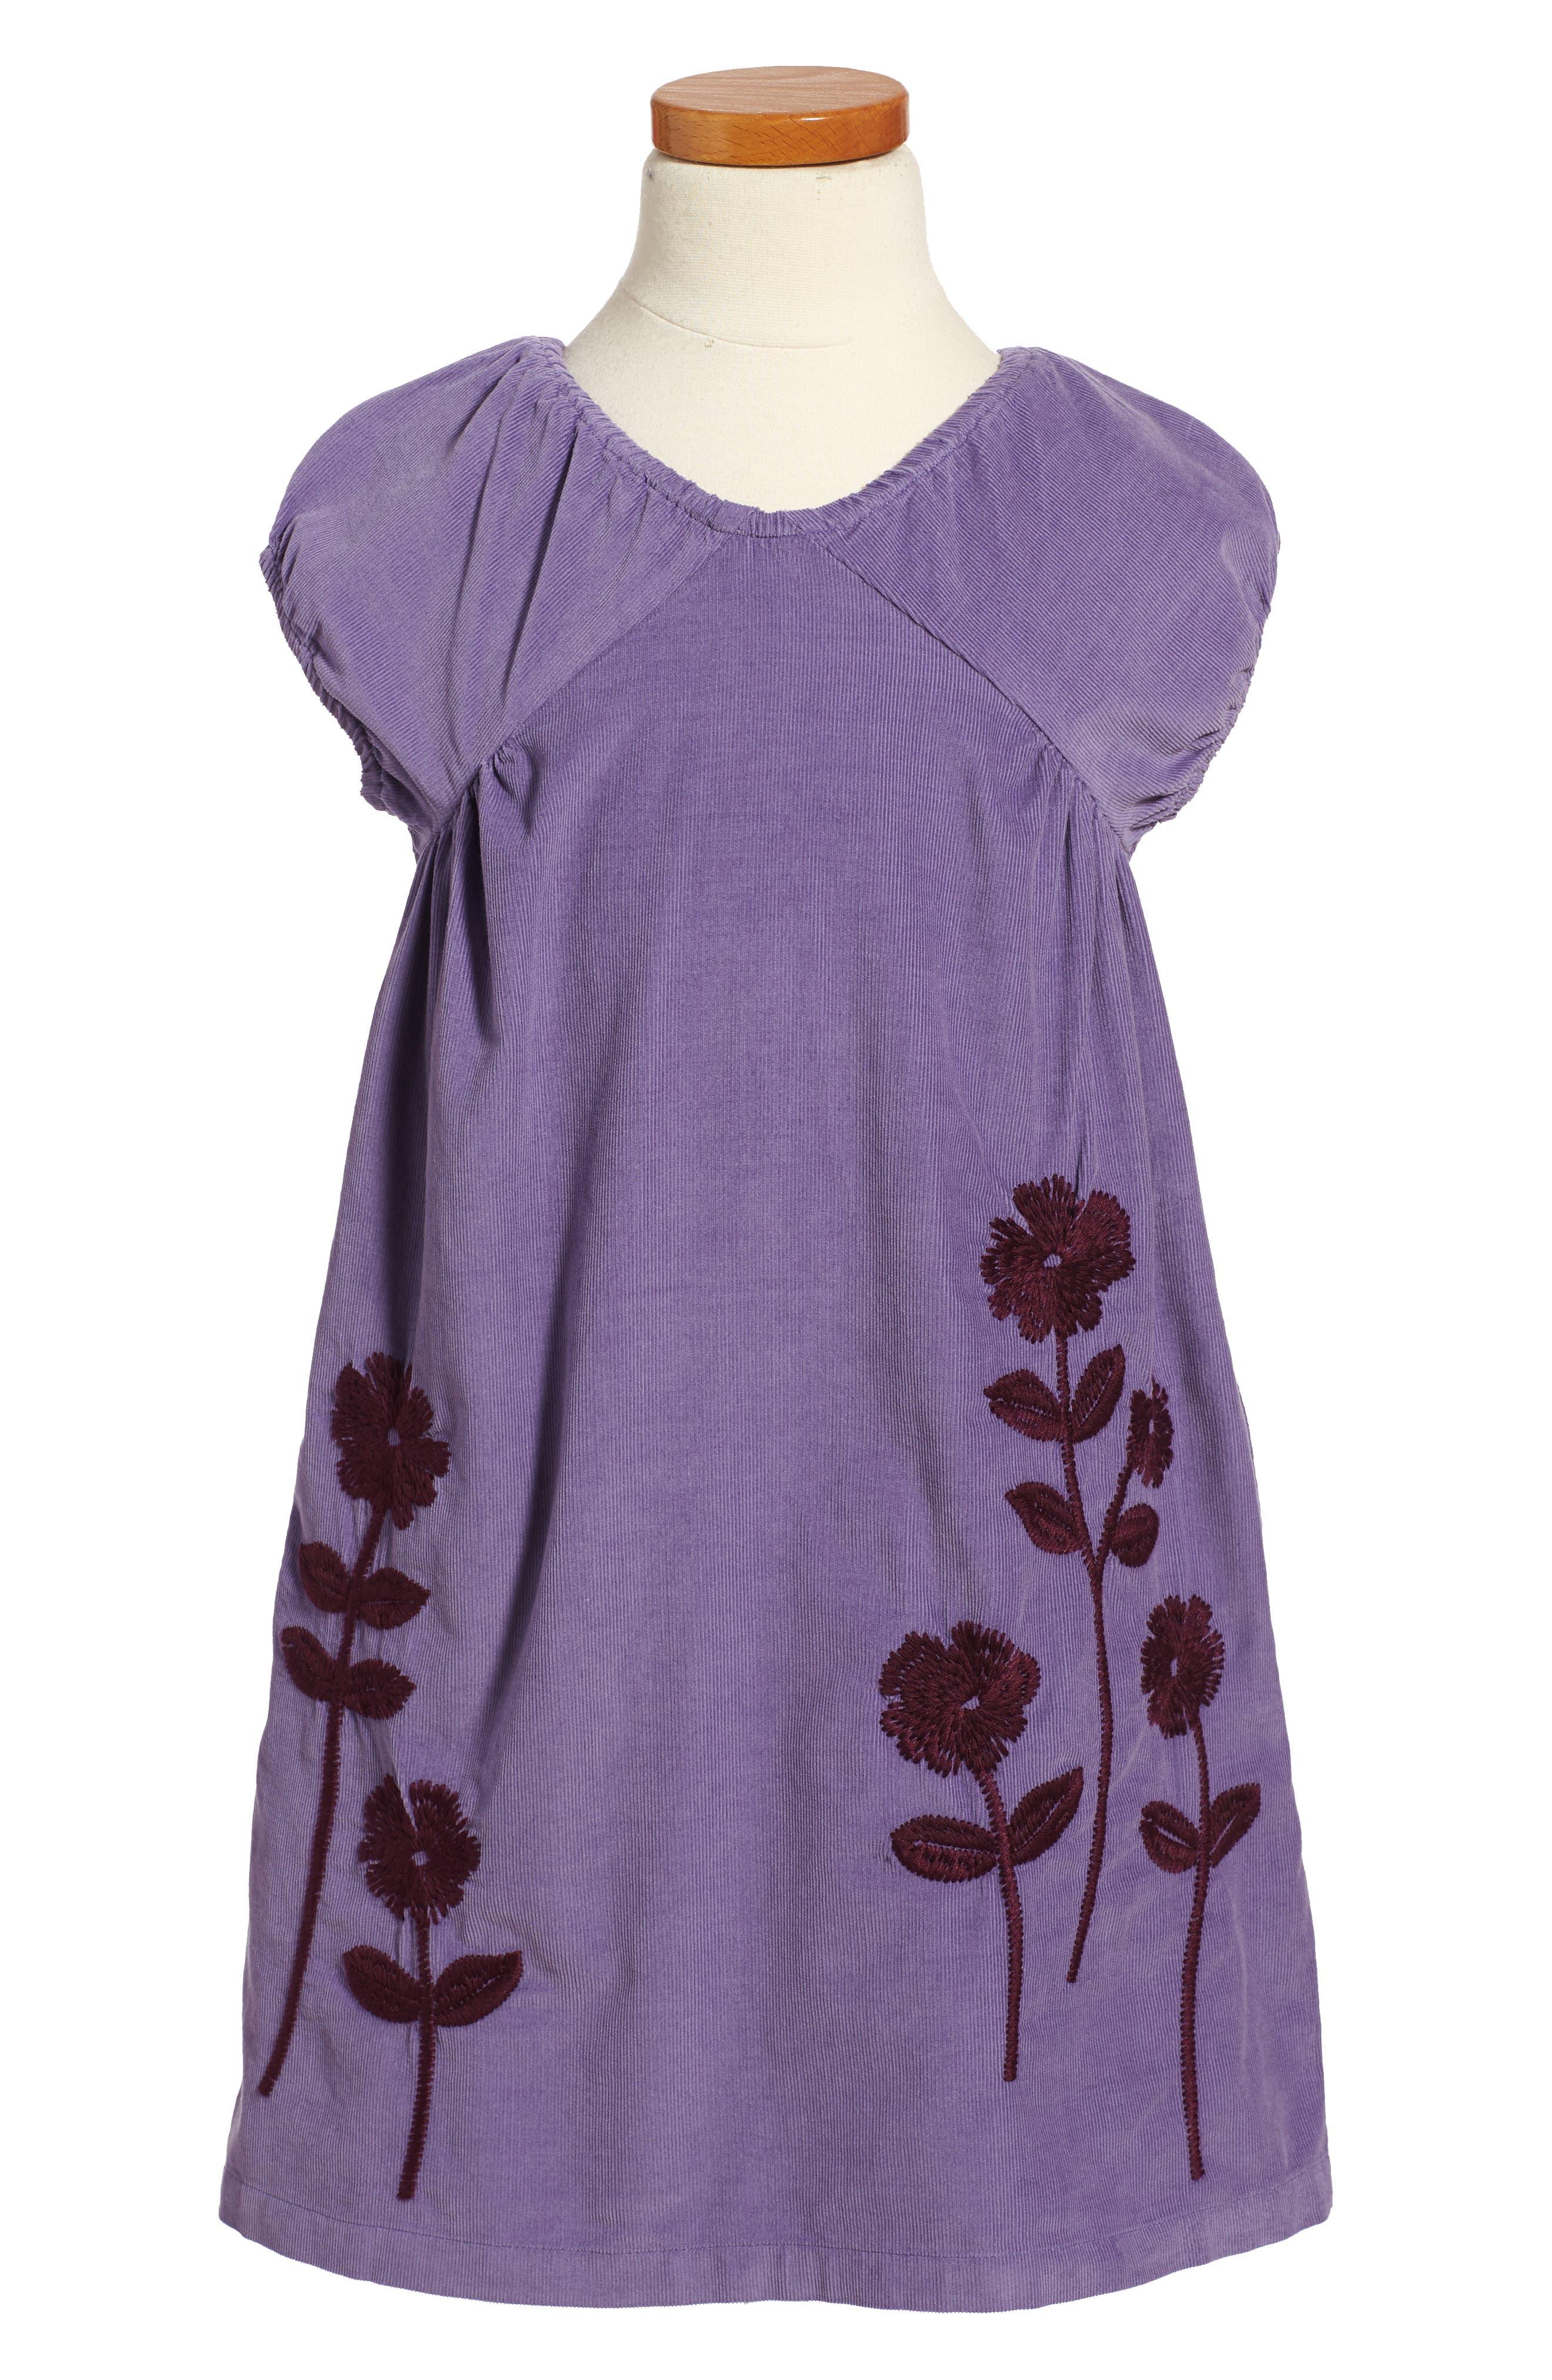 Tea Collection Cullodena Corduroy Dress (Toddler Girls, Little Girls & Big Girls)